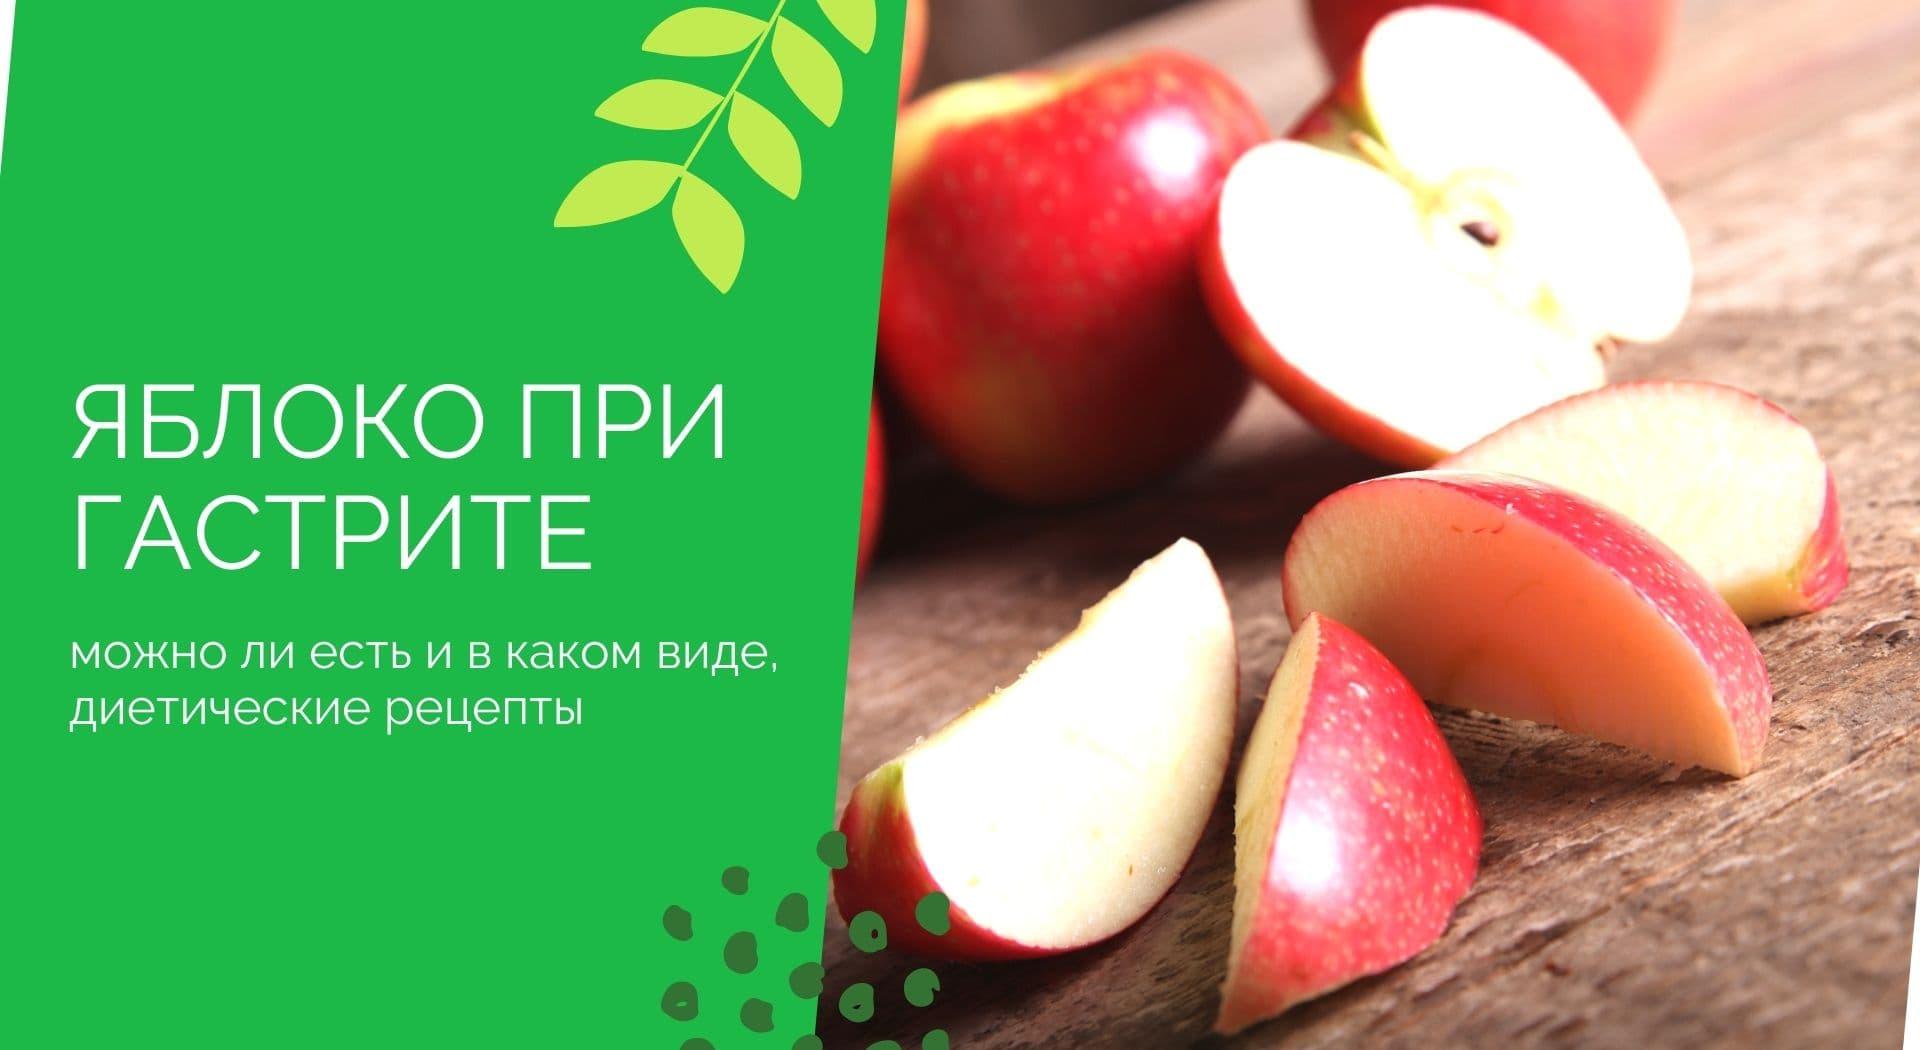 Яблоко при гастрите: можно ли есть и в каком виде, диетические рецепты